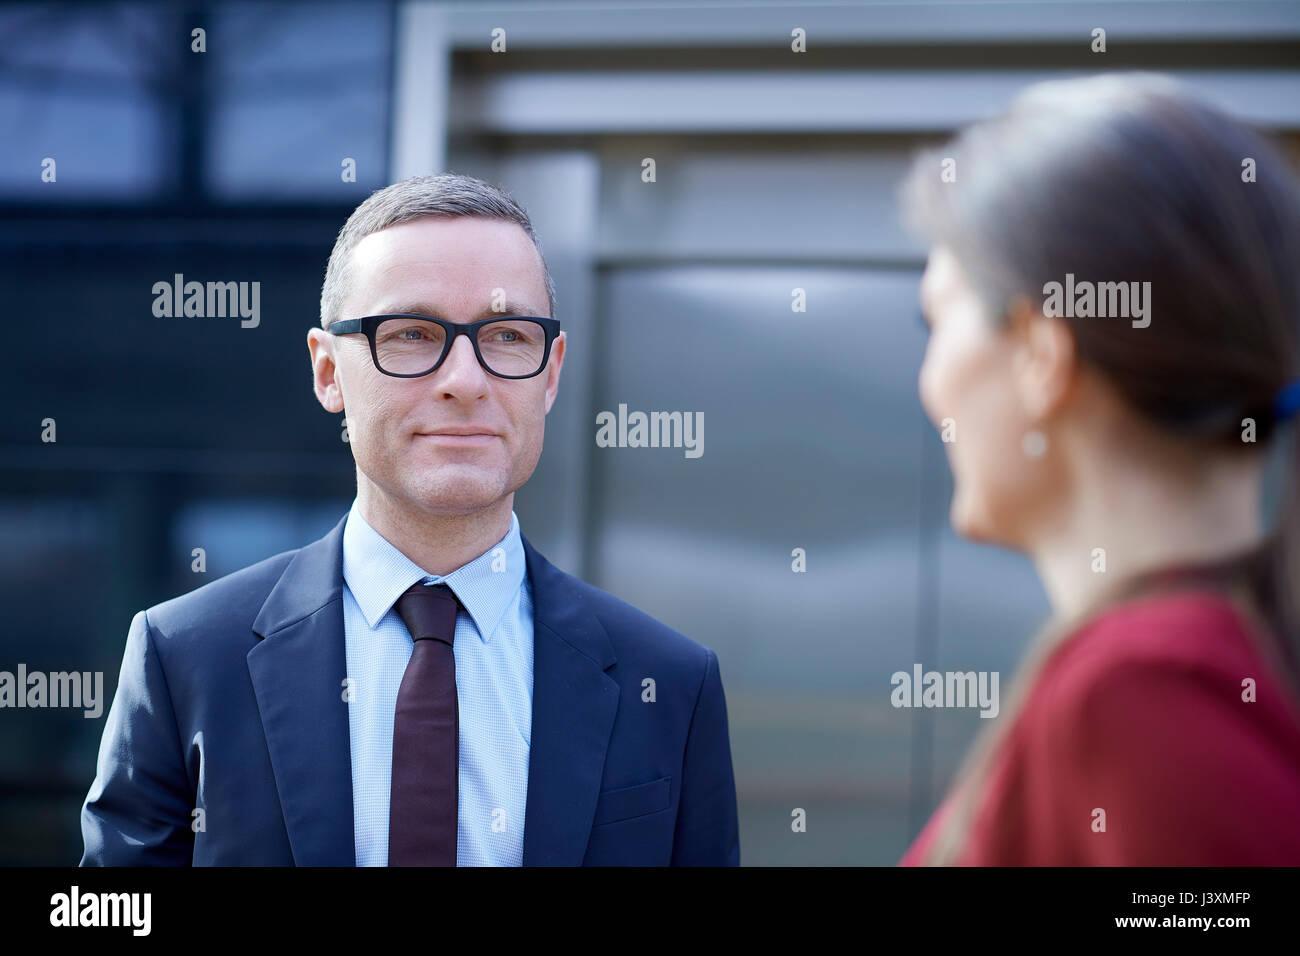 Vista sobre el hombro del empresario acercándose a la mujer en la oficina Imagen De Stock